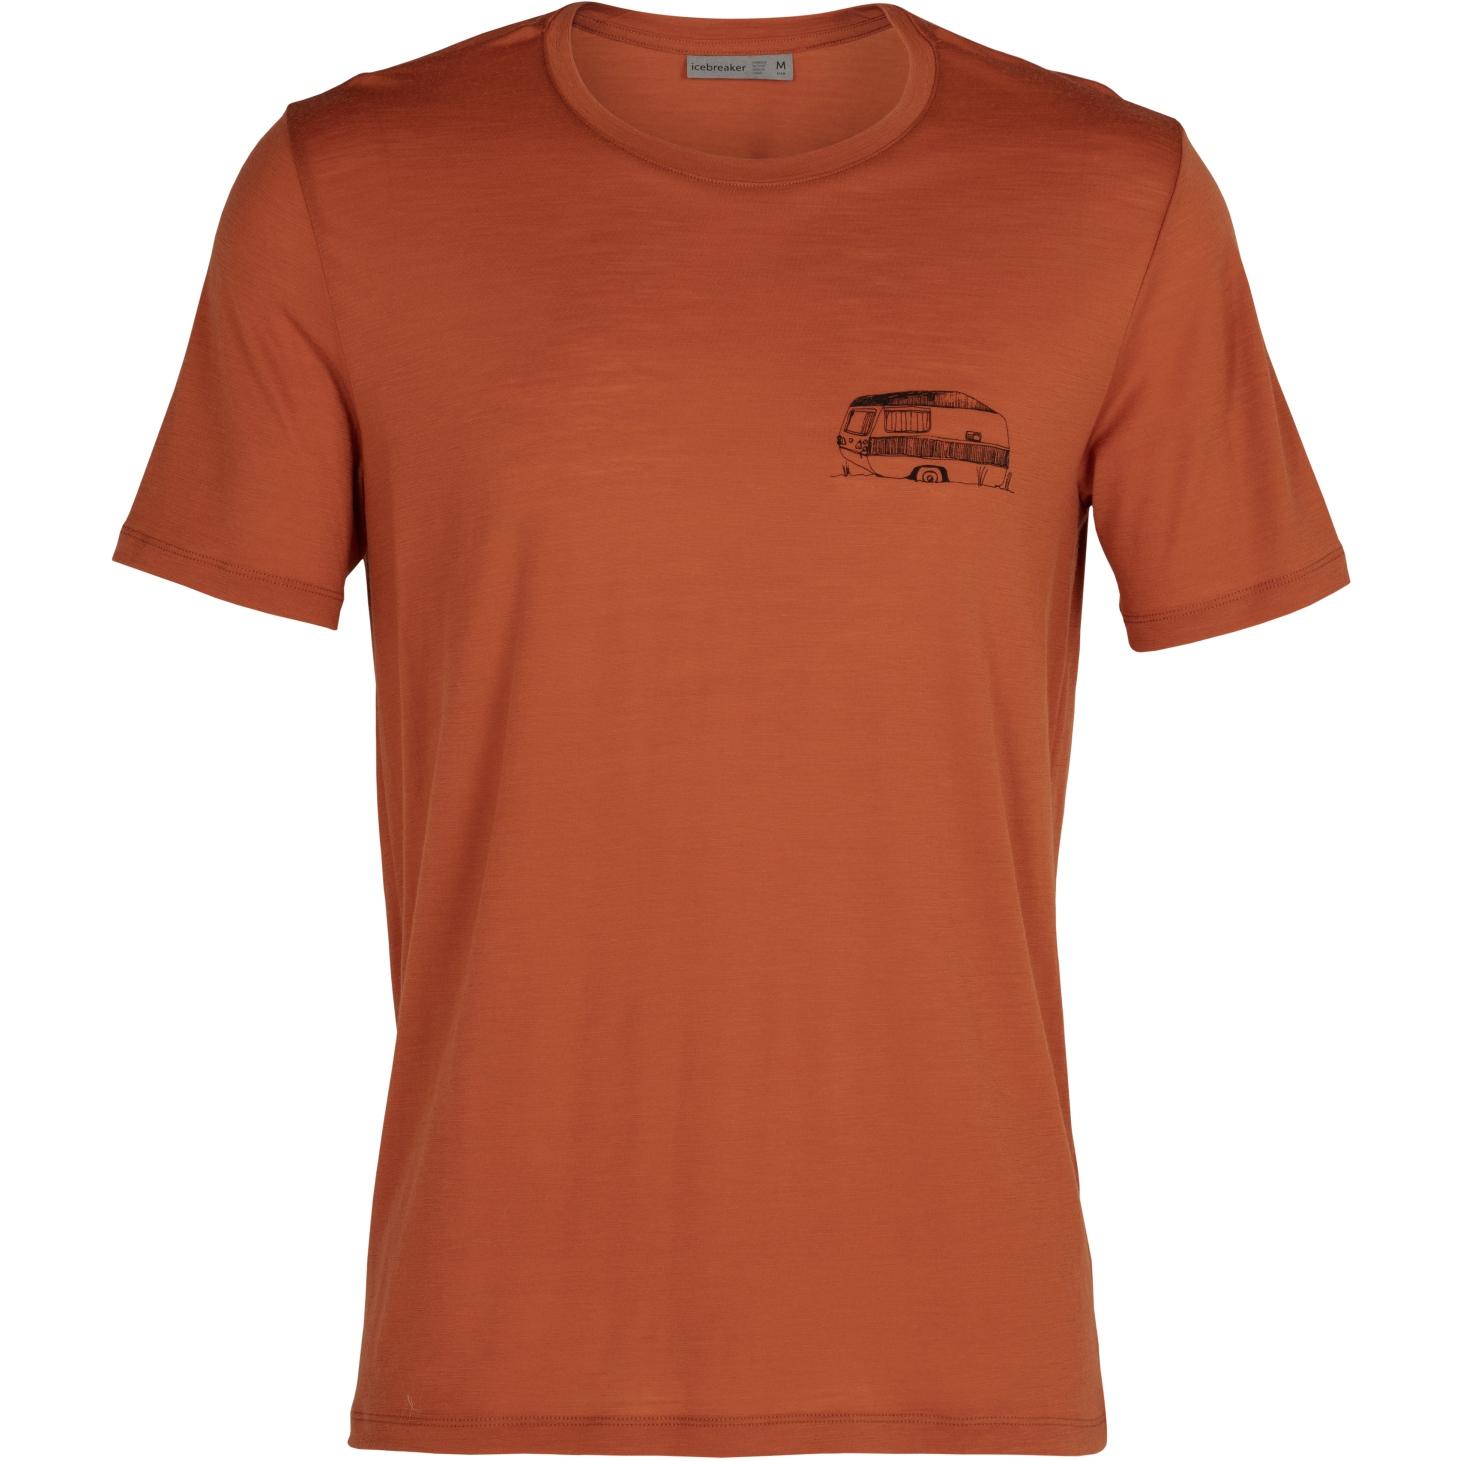 Bild von Icebreaker Tech Lite Crewe Caravan Life Herren T-Shirt - Roote